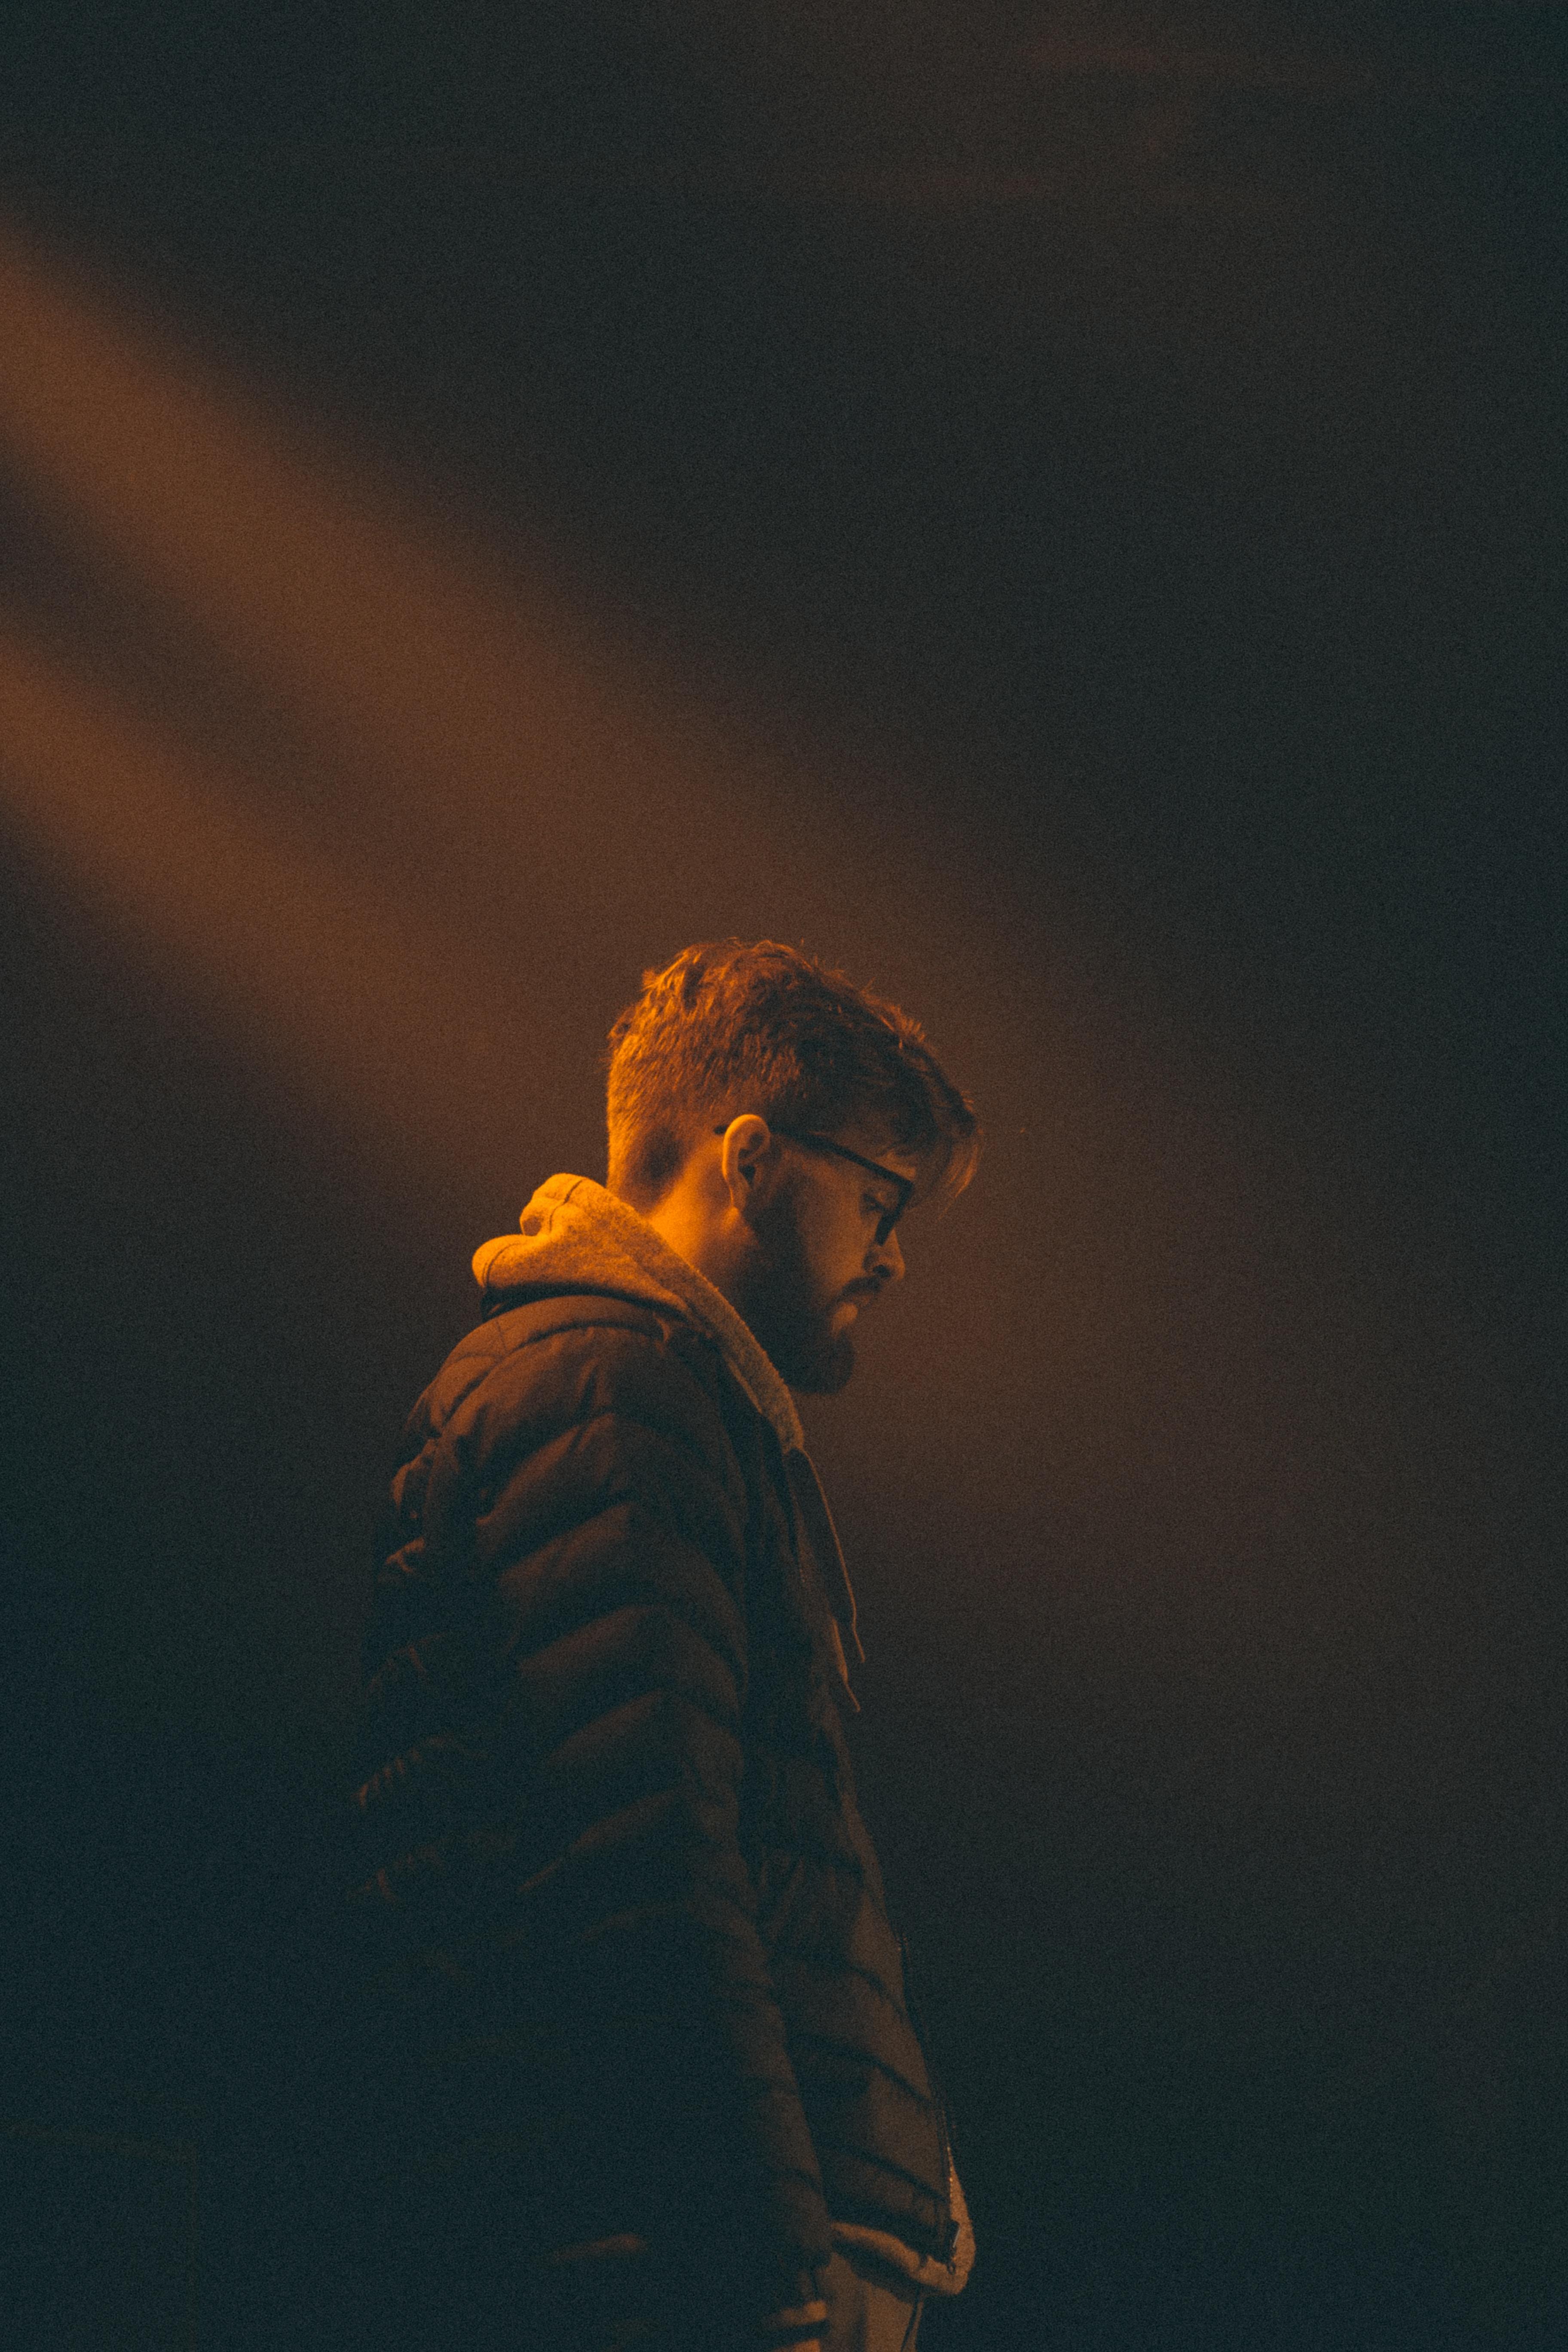 man standing in dark room